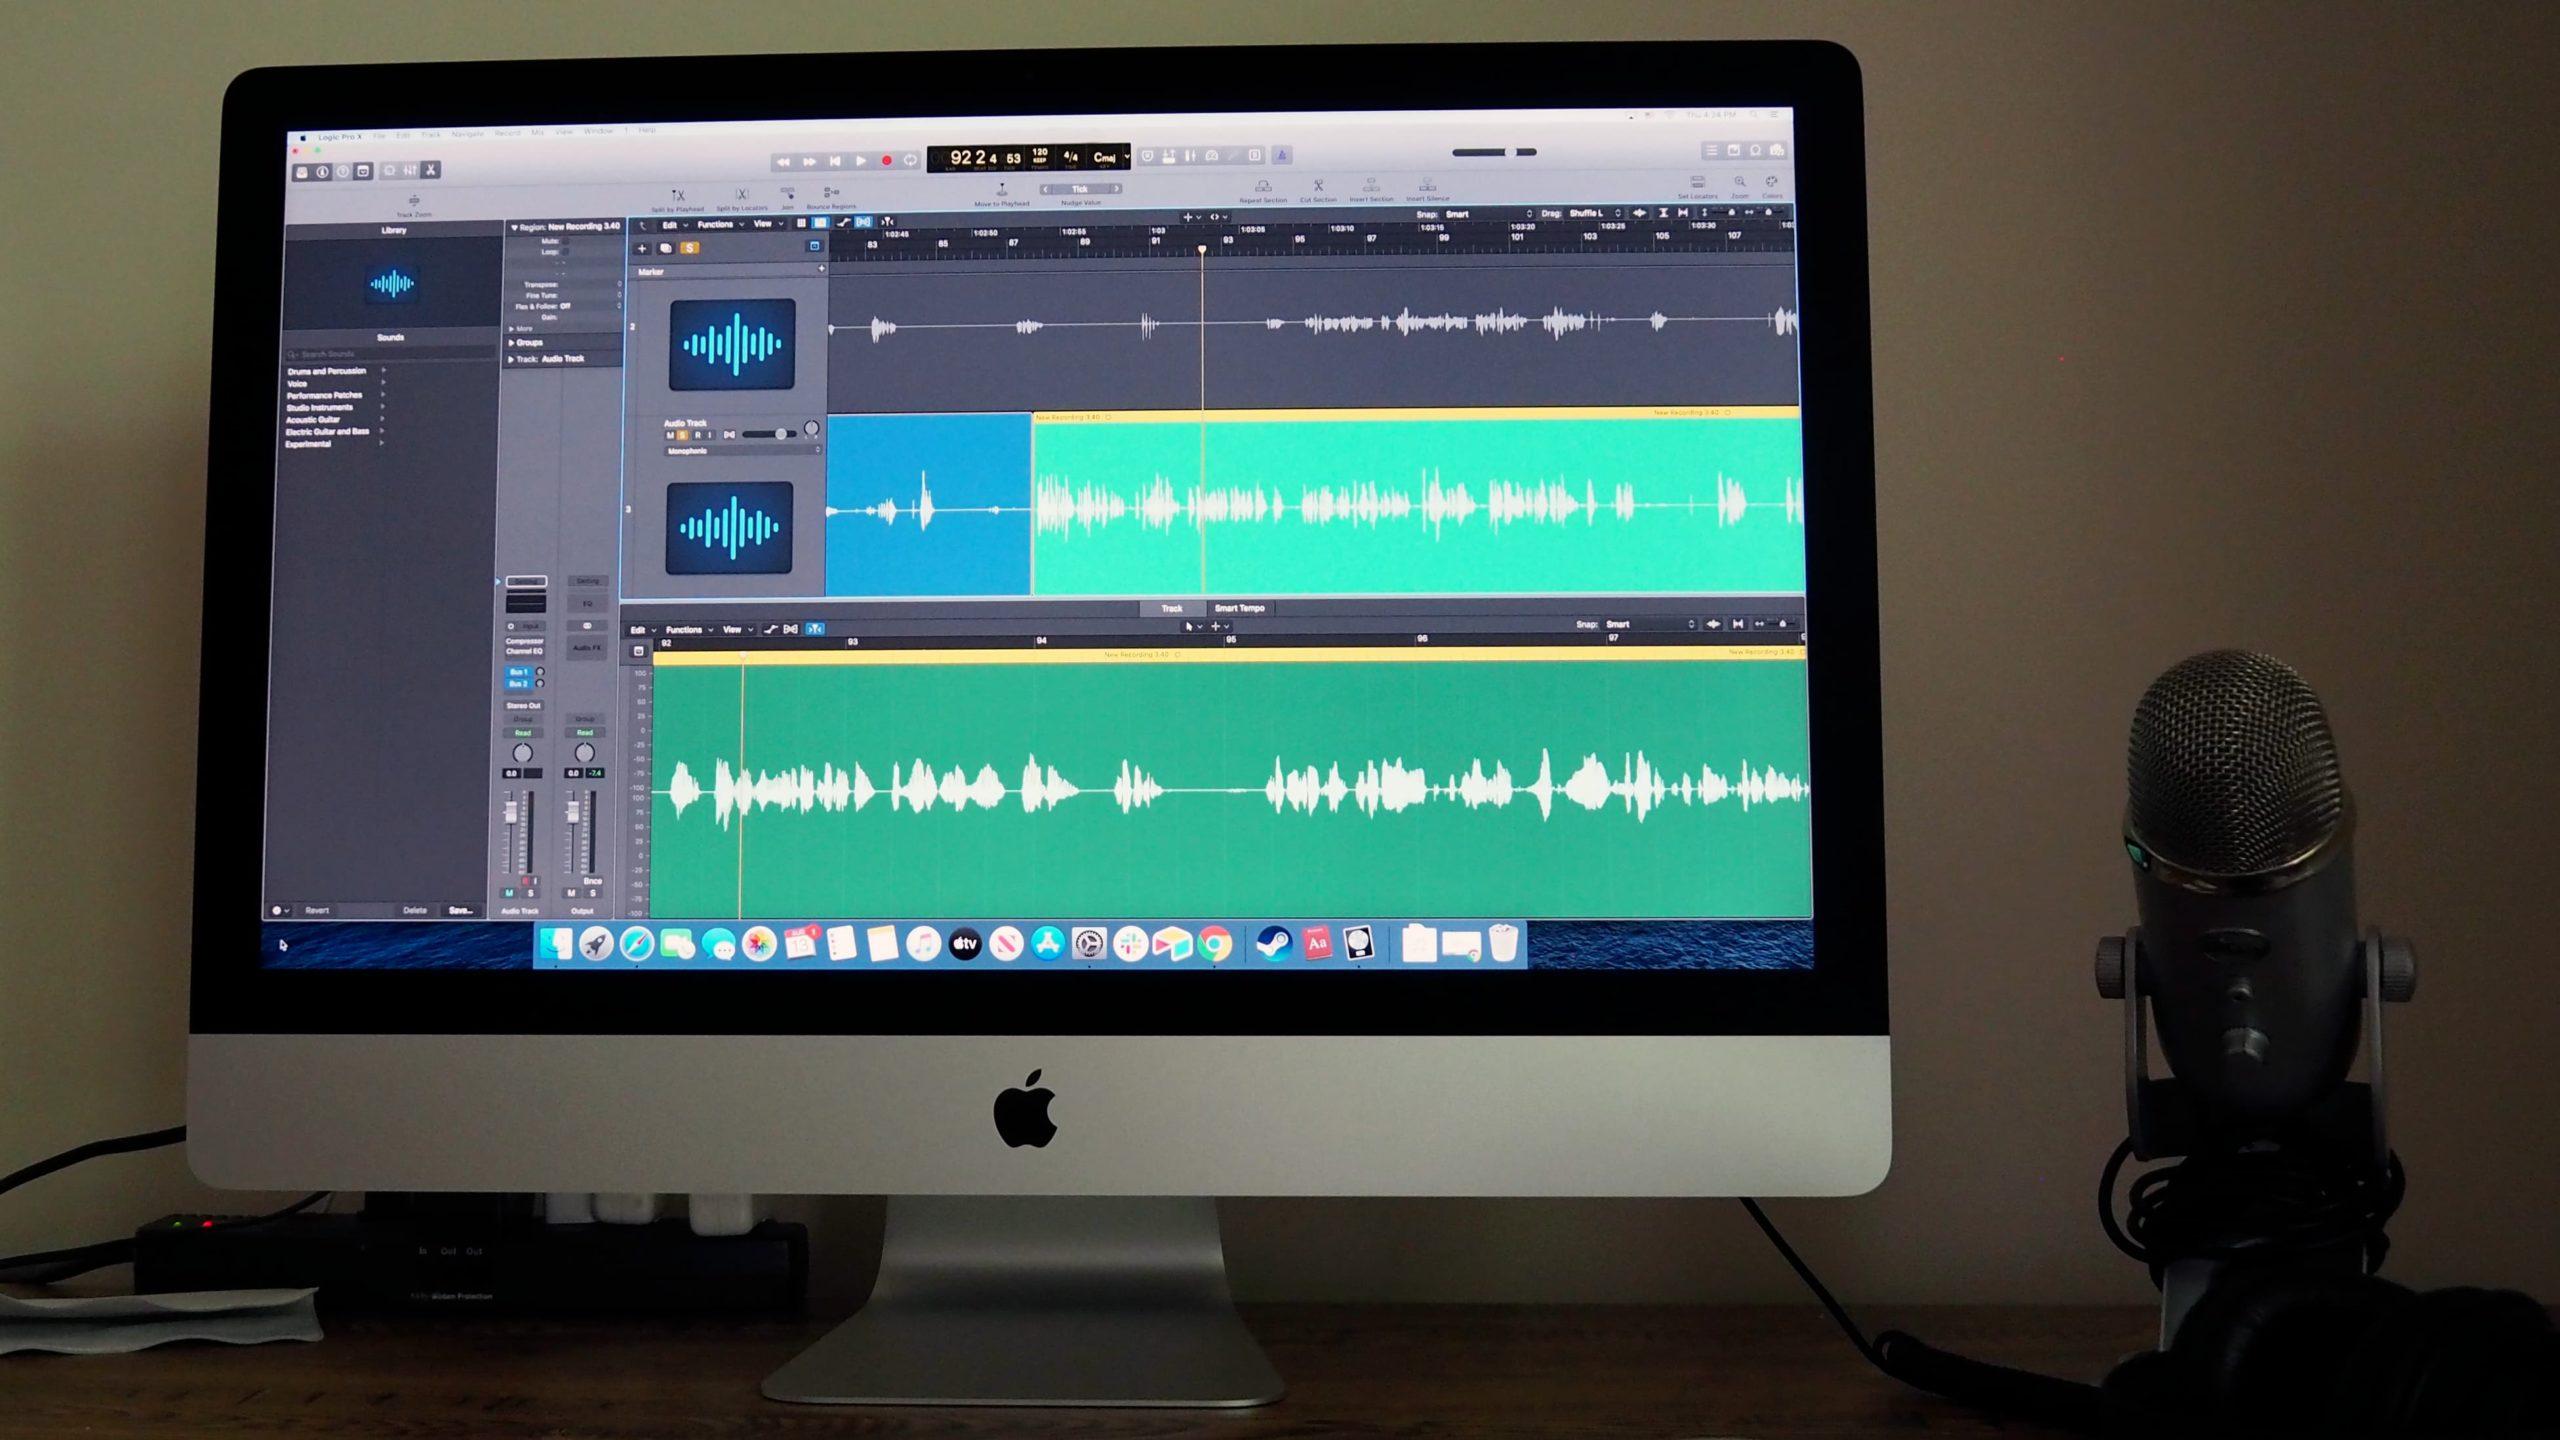 Para trabalhos criativos, como edição de áudio, o iMac brilha. Crédito: Detalhe do pano que acompanha o iMac de 27 polegadas. Crédito: Caitlin McGarry/Gizmodo